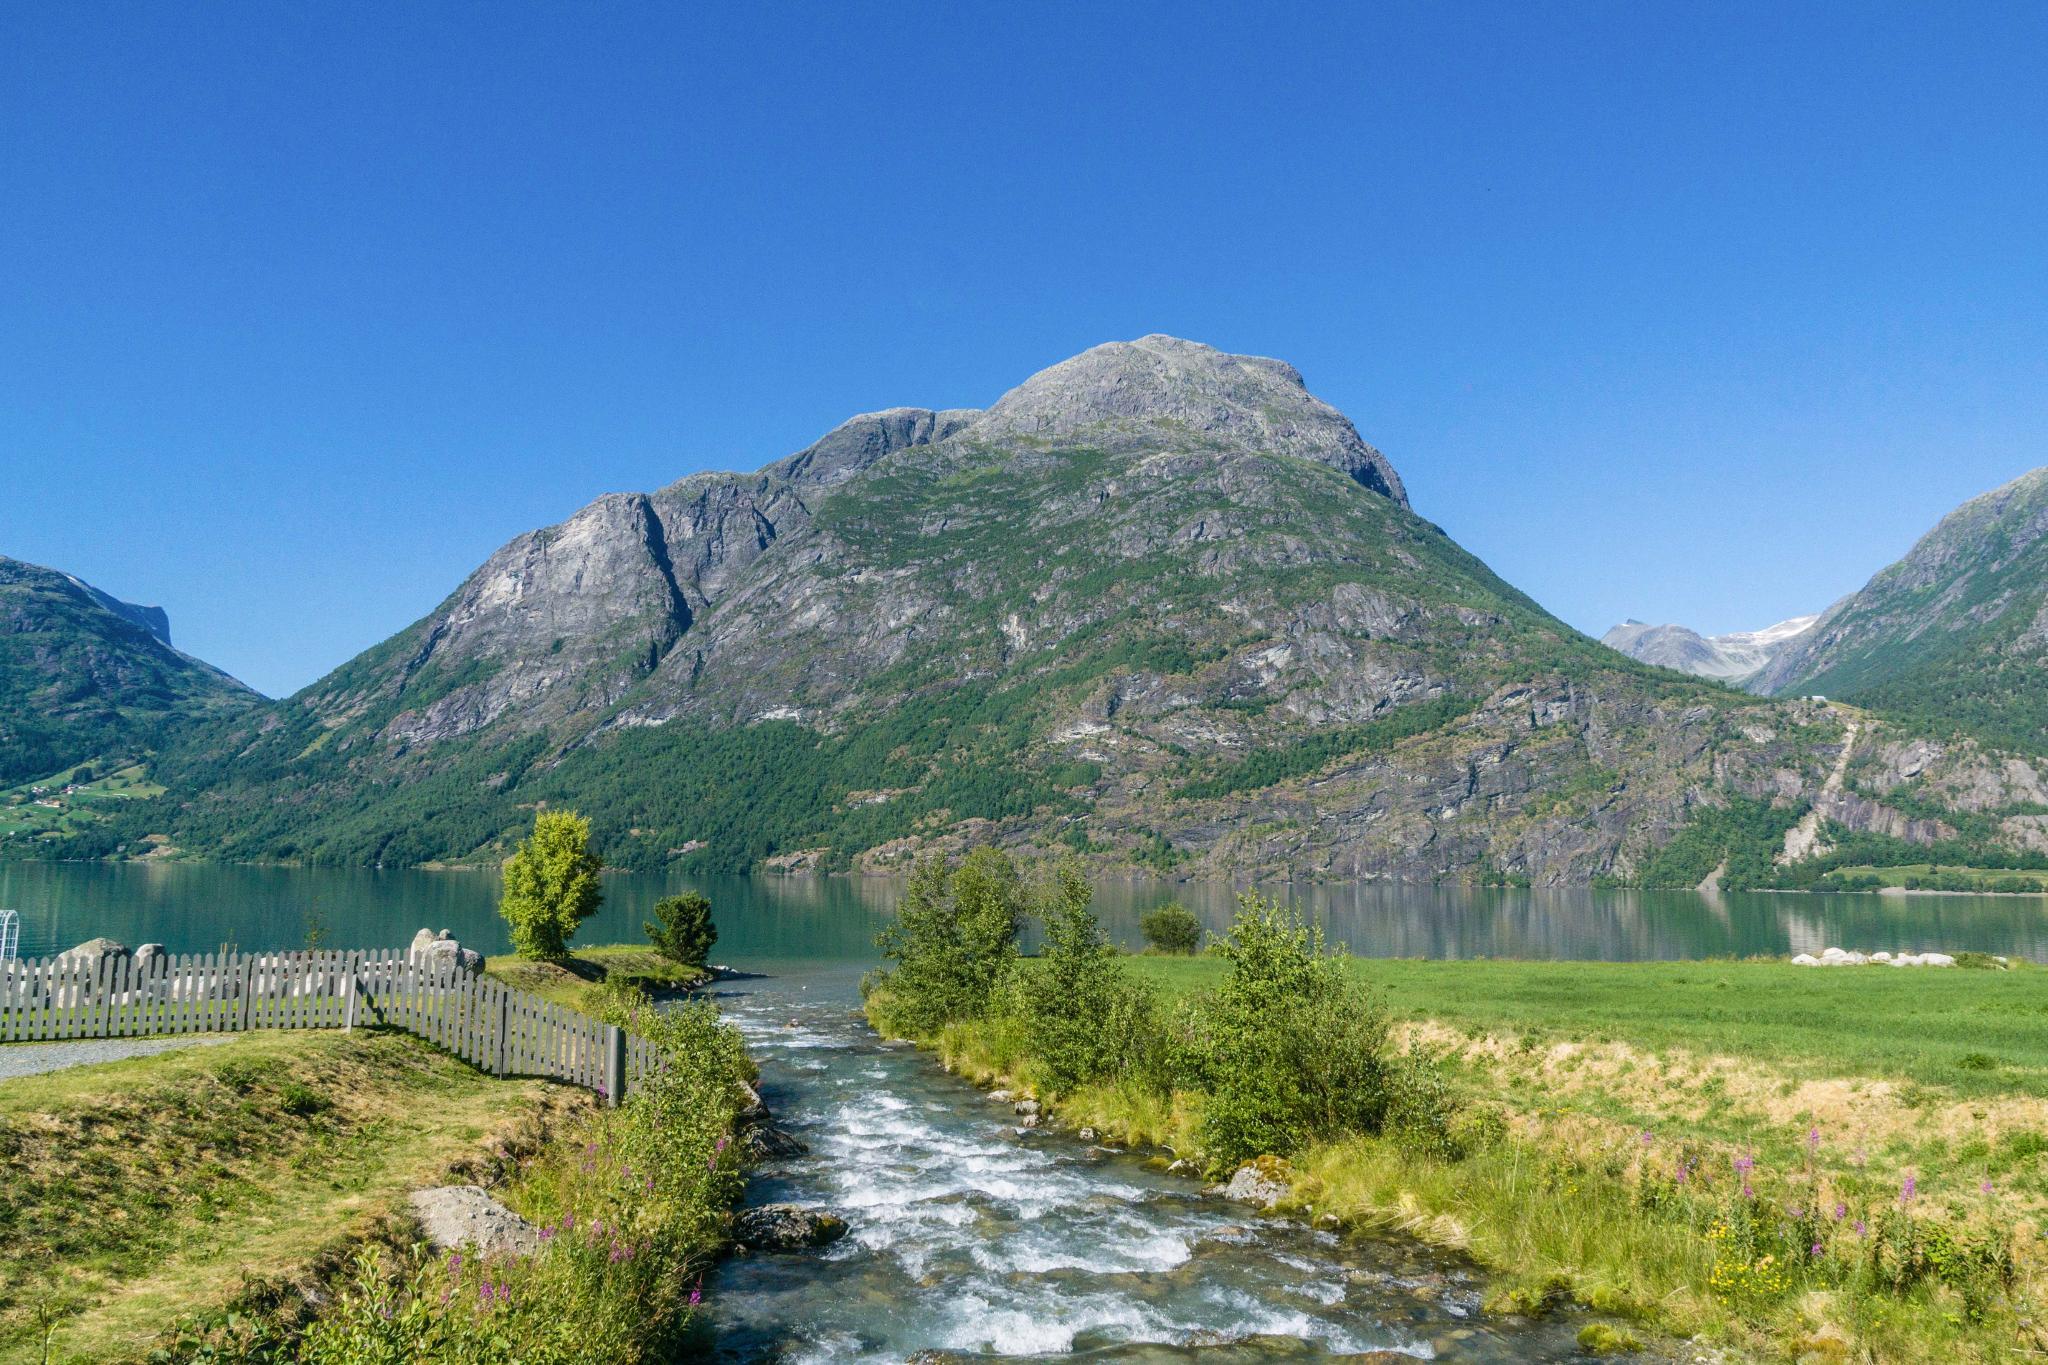 【北歐景點】朝聖歐洲大陸最大的冰河 - 挪威約詩達特冰河國家公園 (Jostedalsbreen National Park) 7